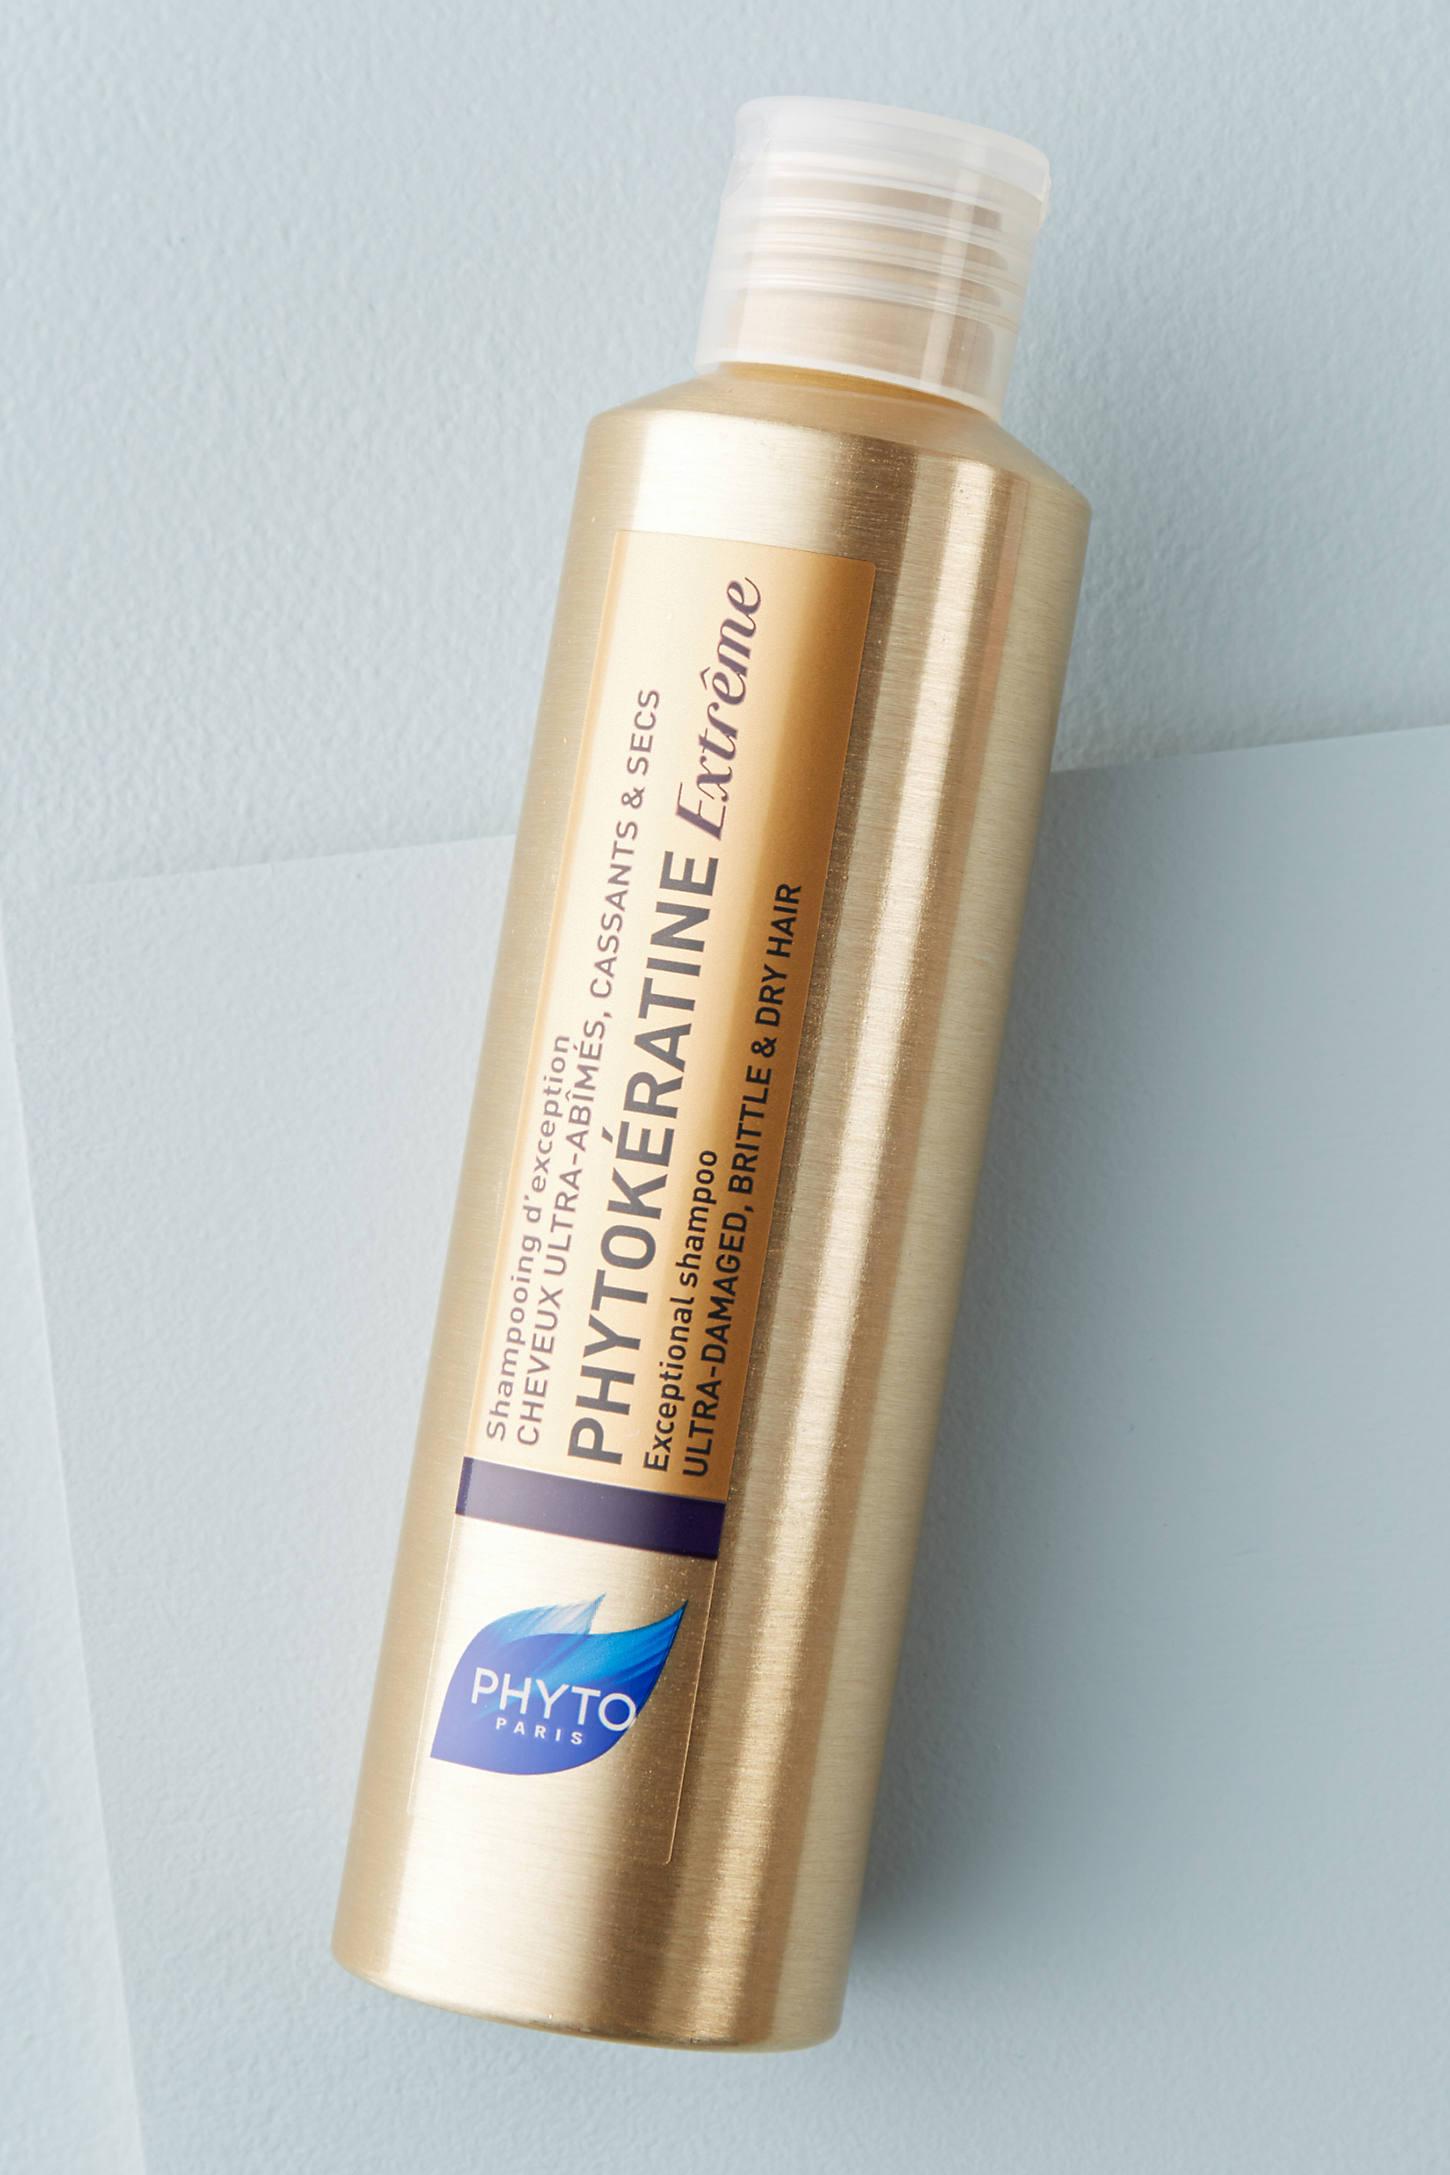 Phyto Phytokeratin Extreme Exceptional Shampoo